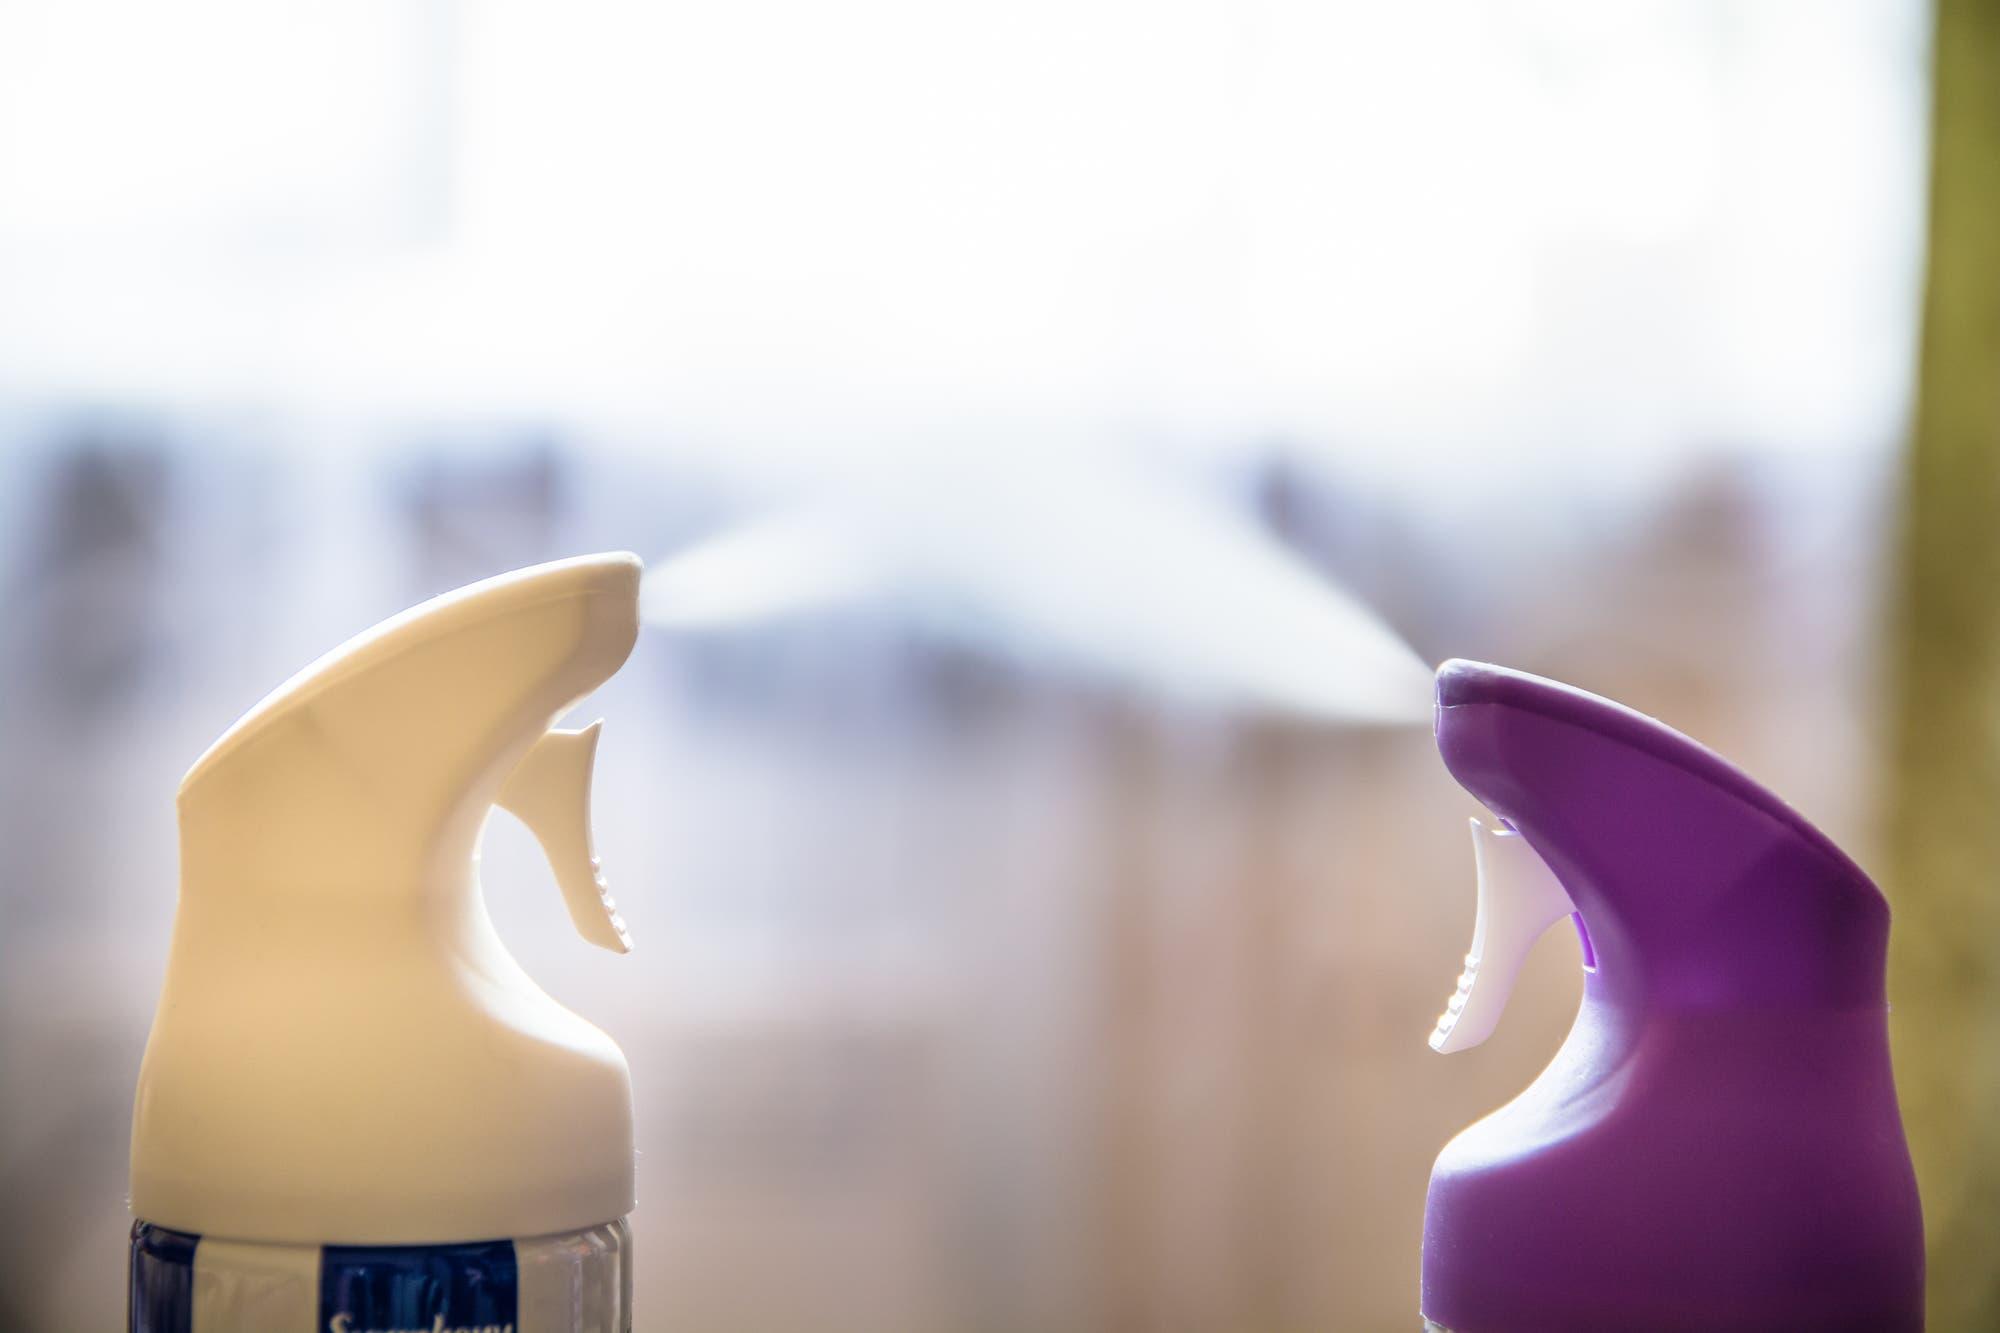 Zwei Behälter, die sicherlich nicht das rutschige Toilettenspray enthalten